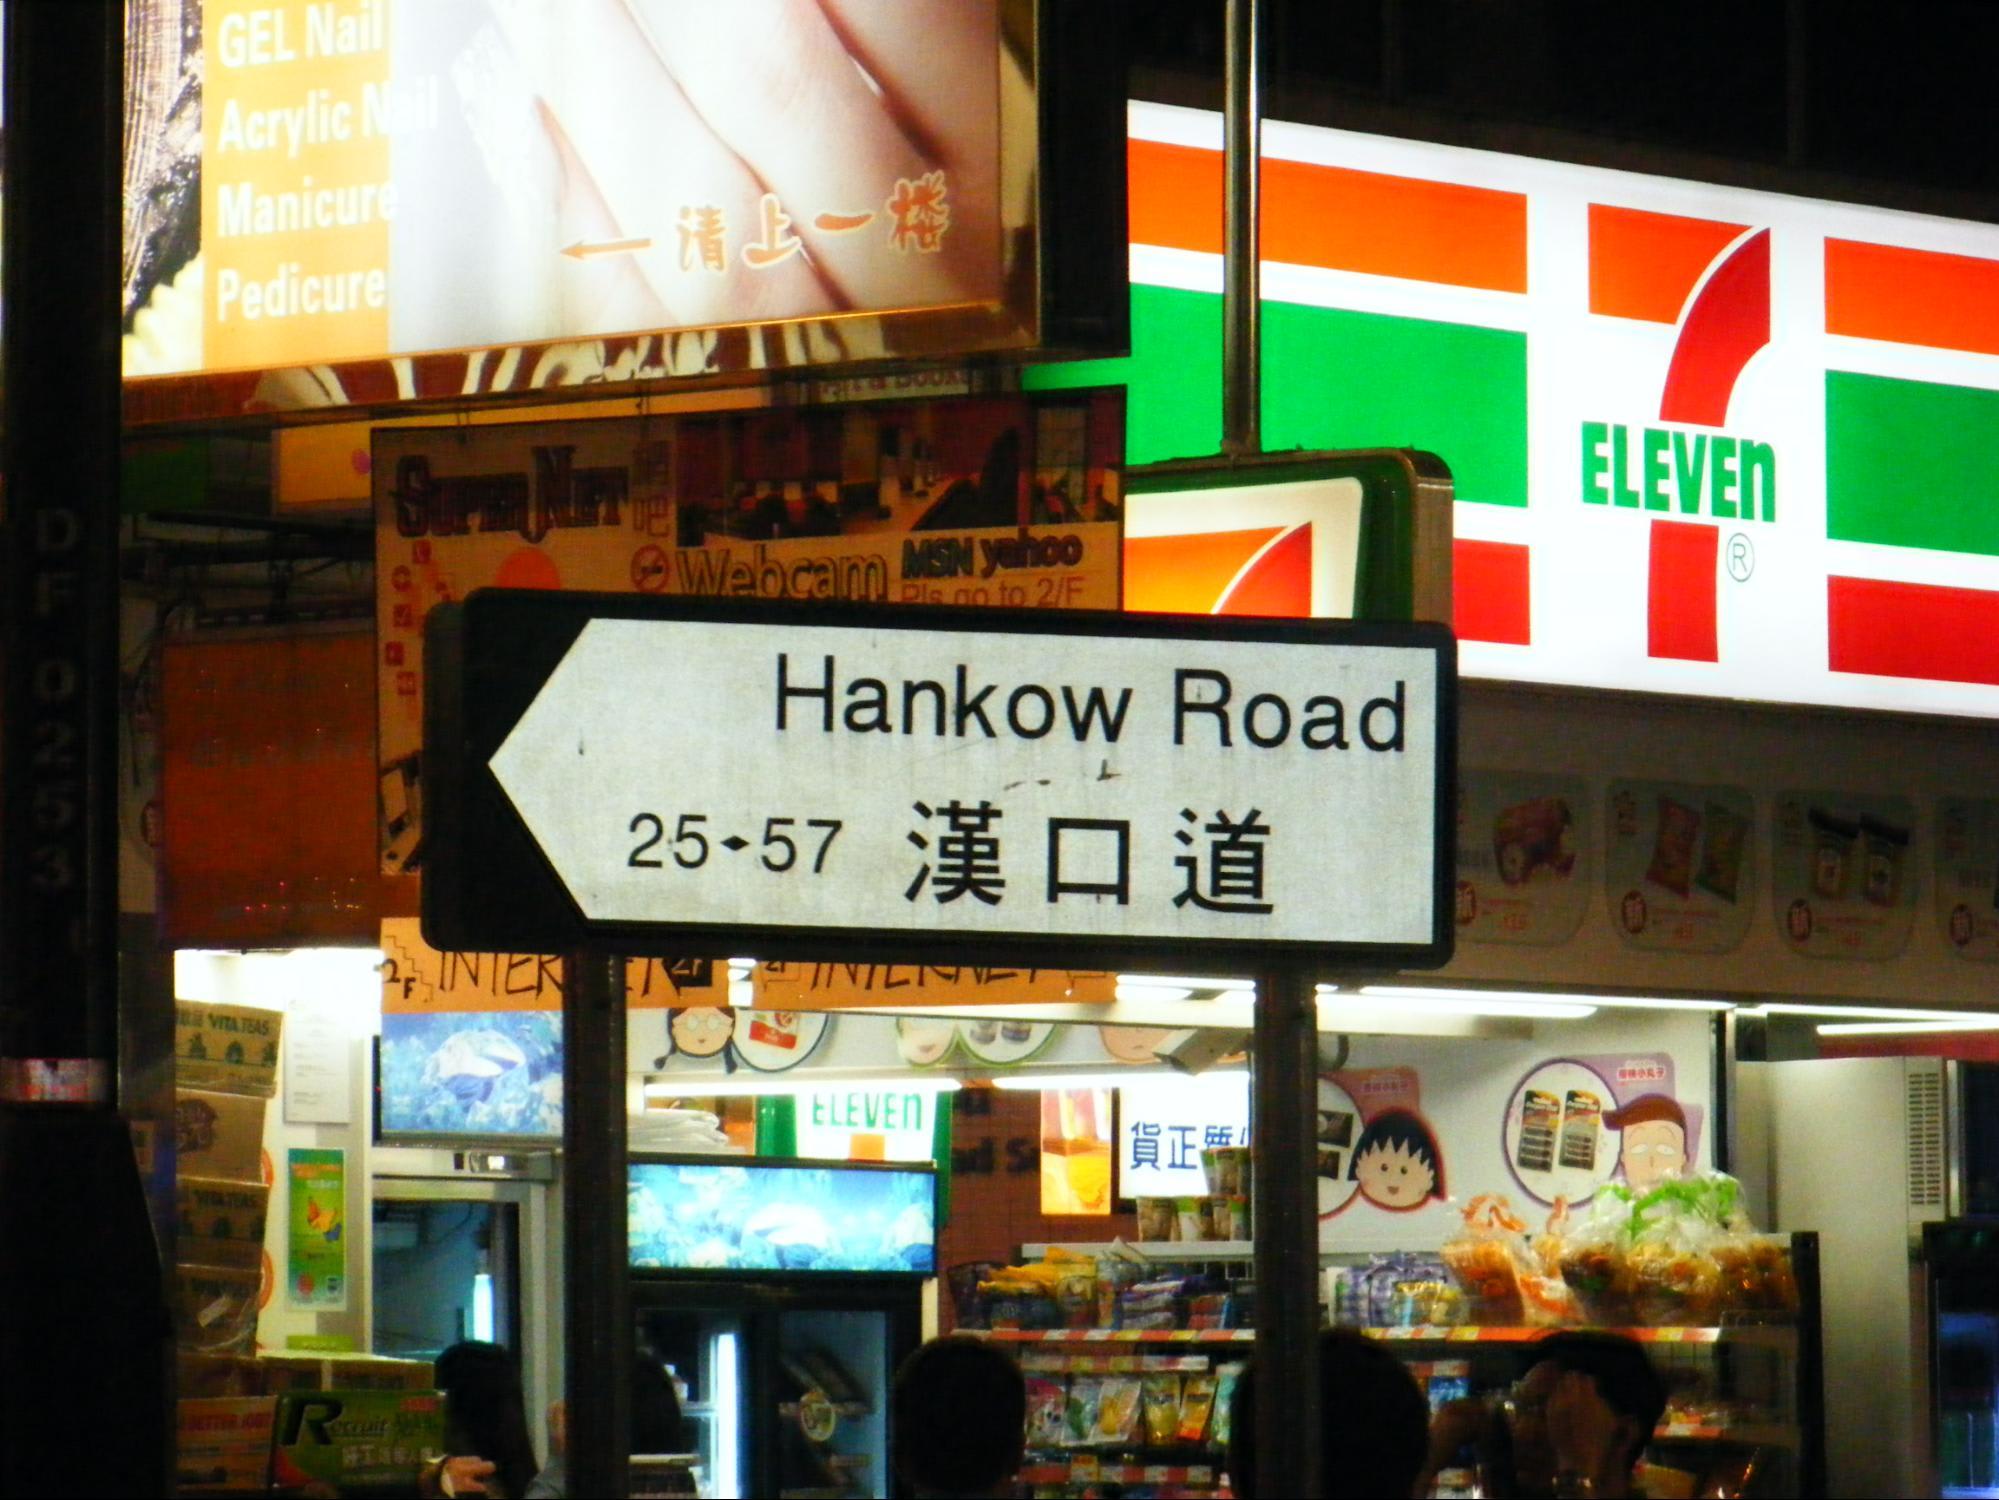 hankow road